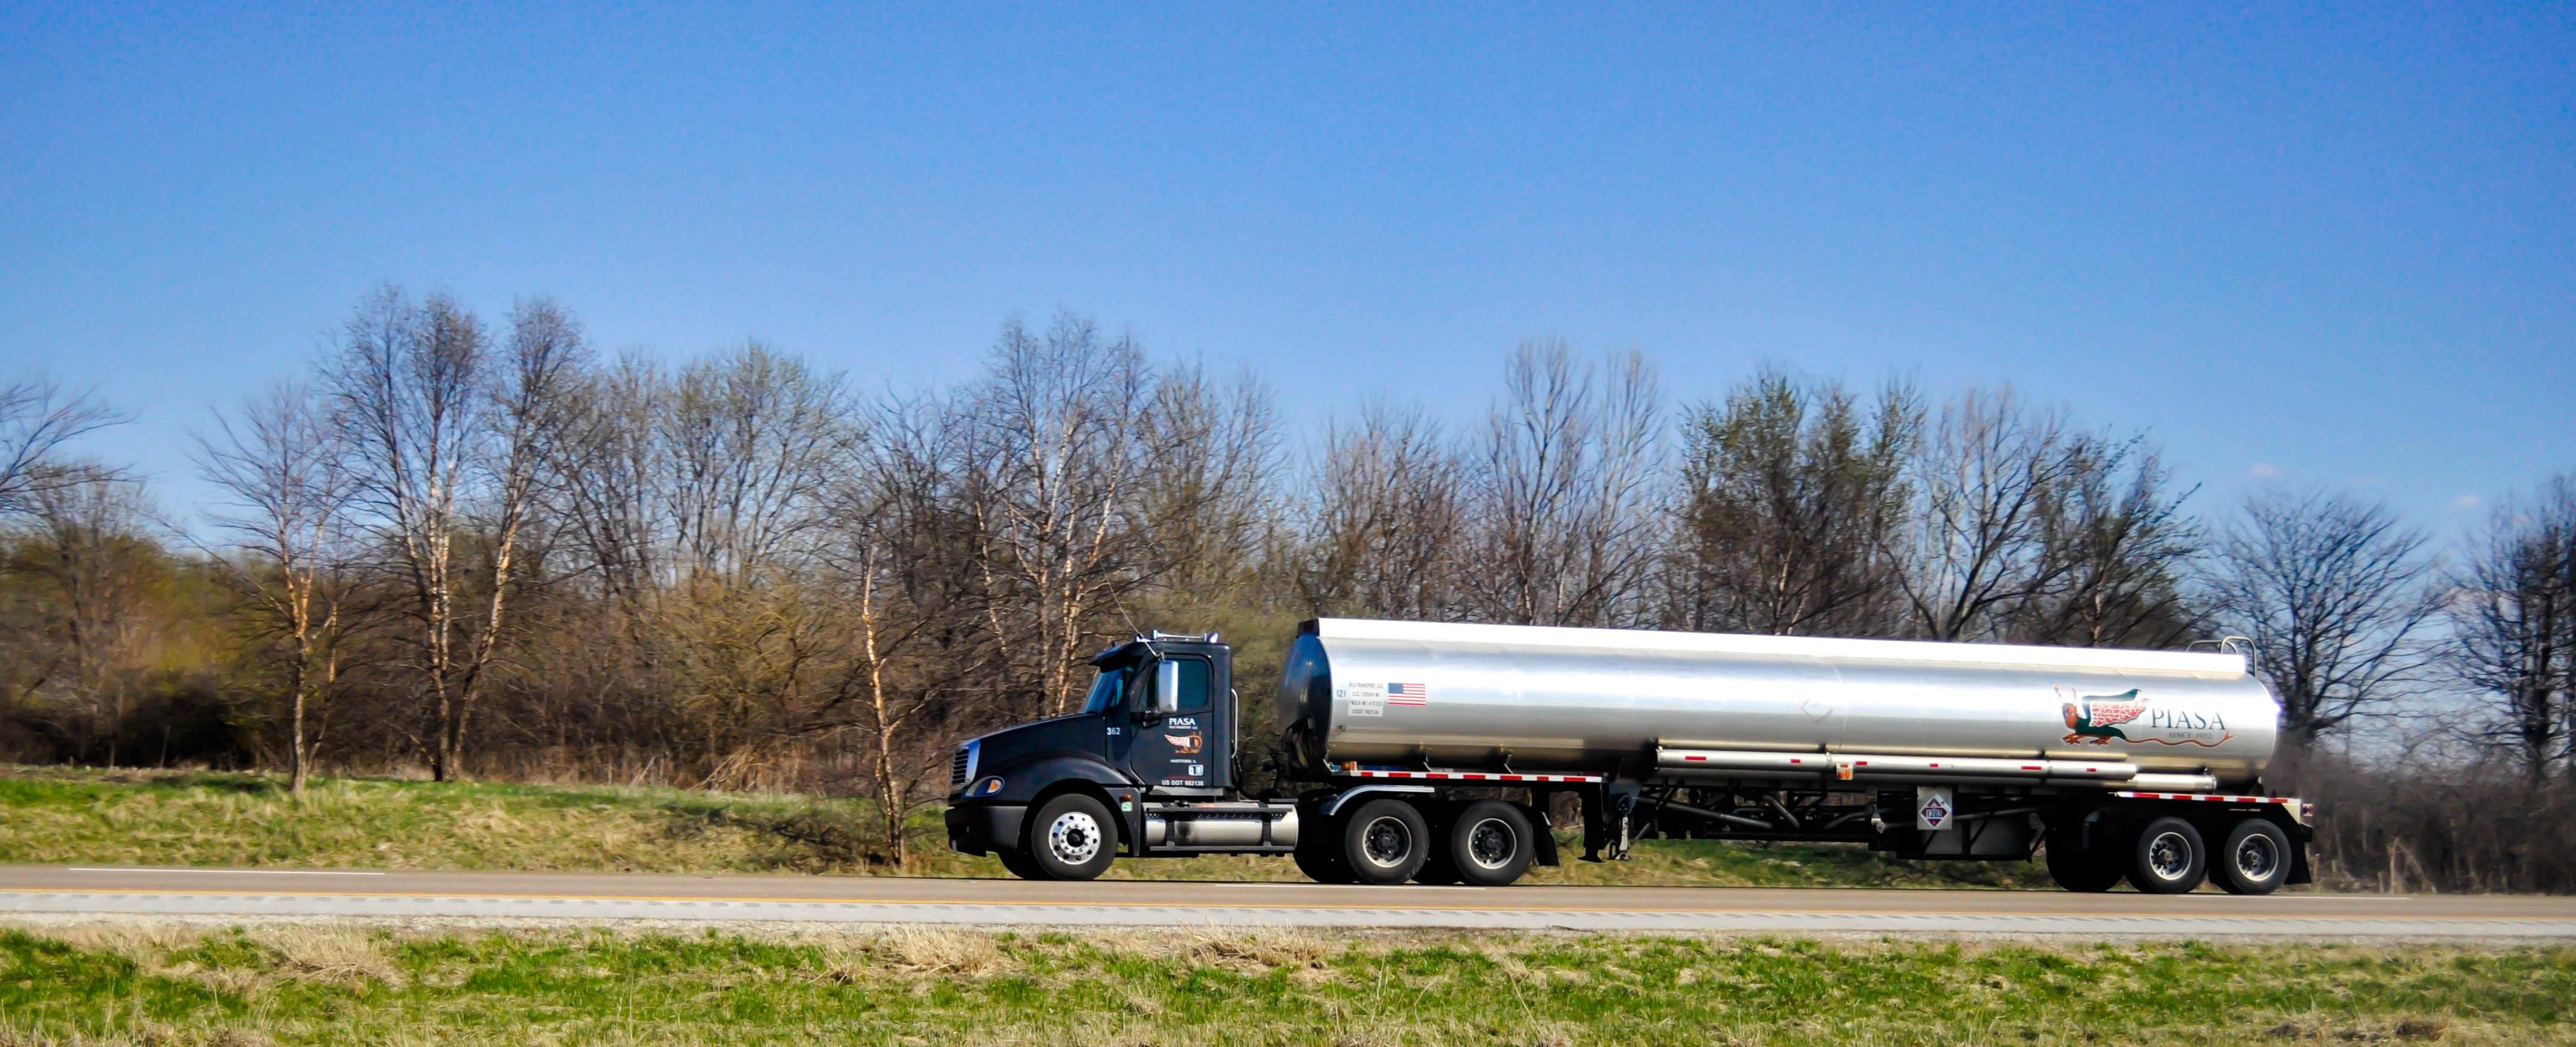 Free Images : field, farm, tanker, asphalt, transport ...